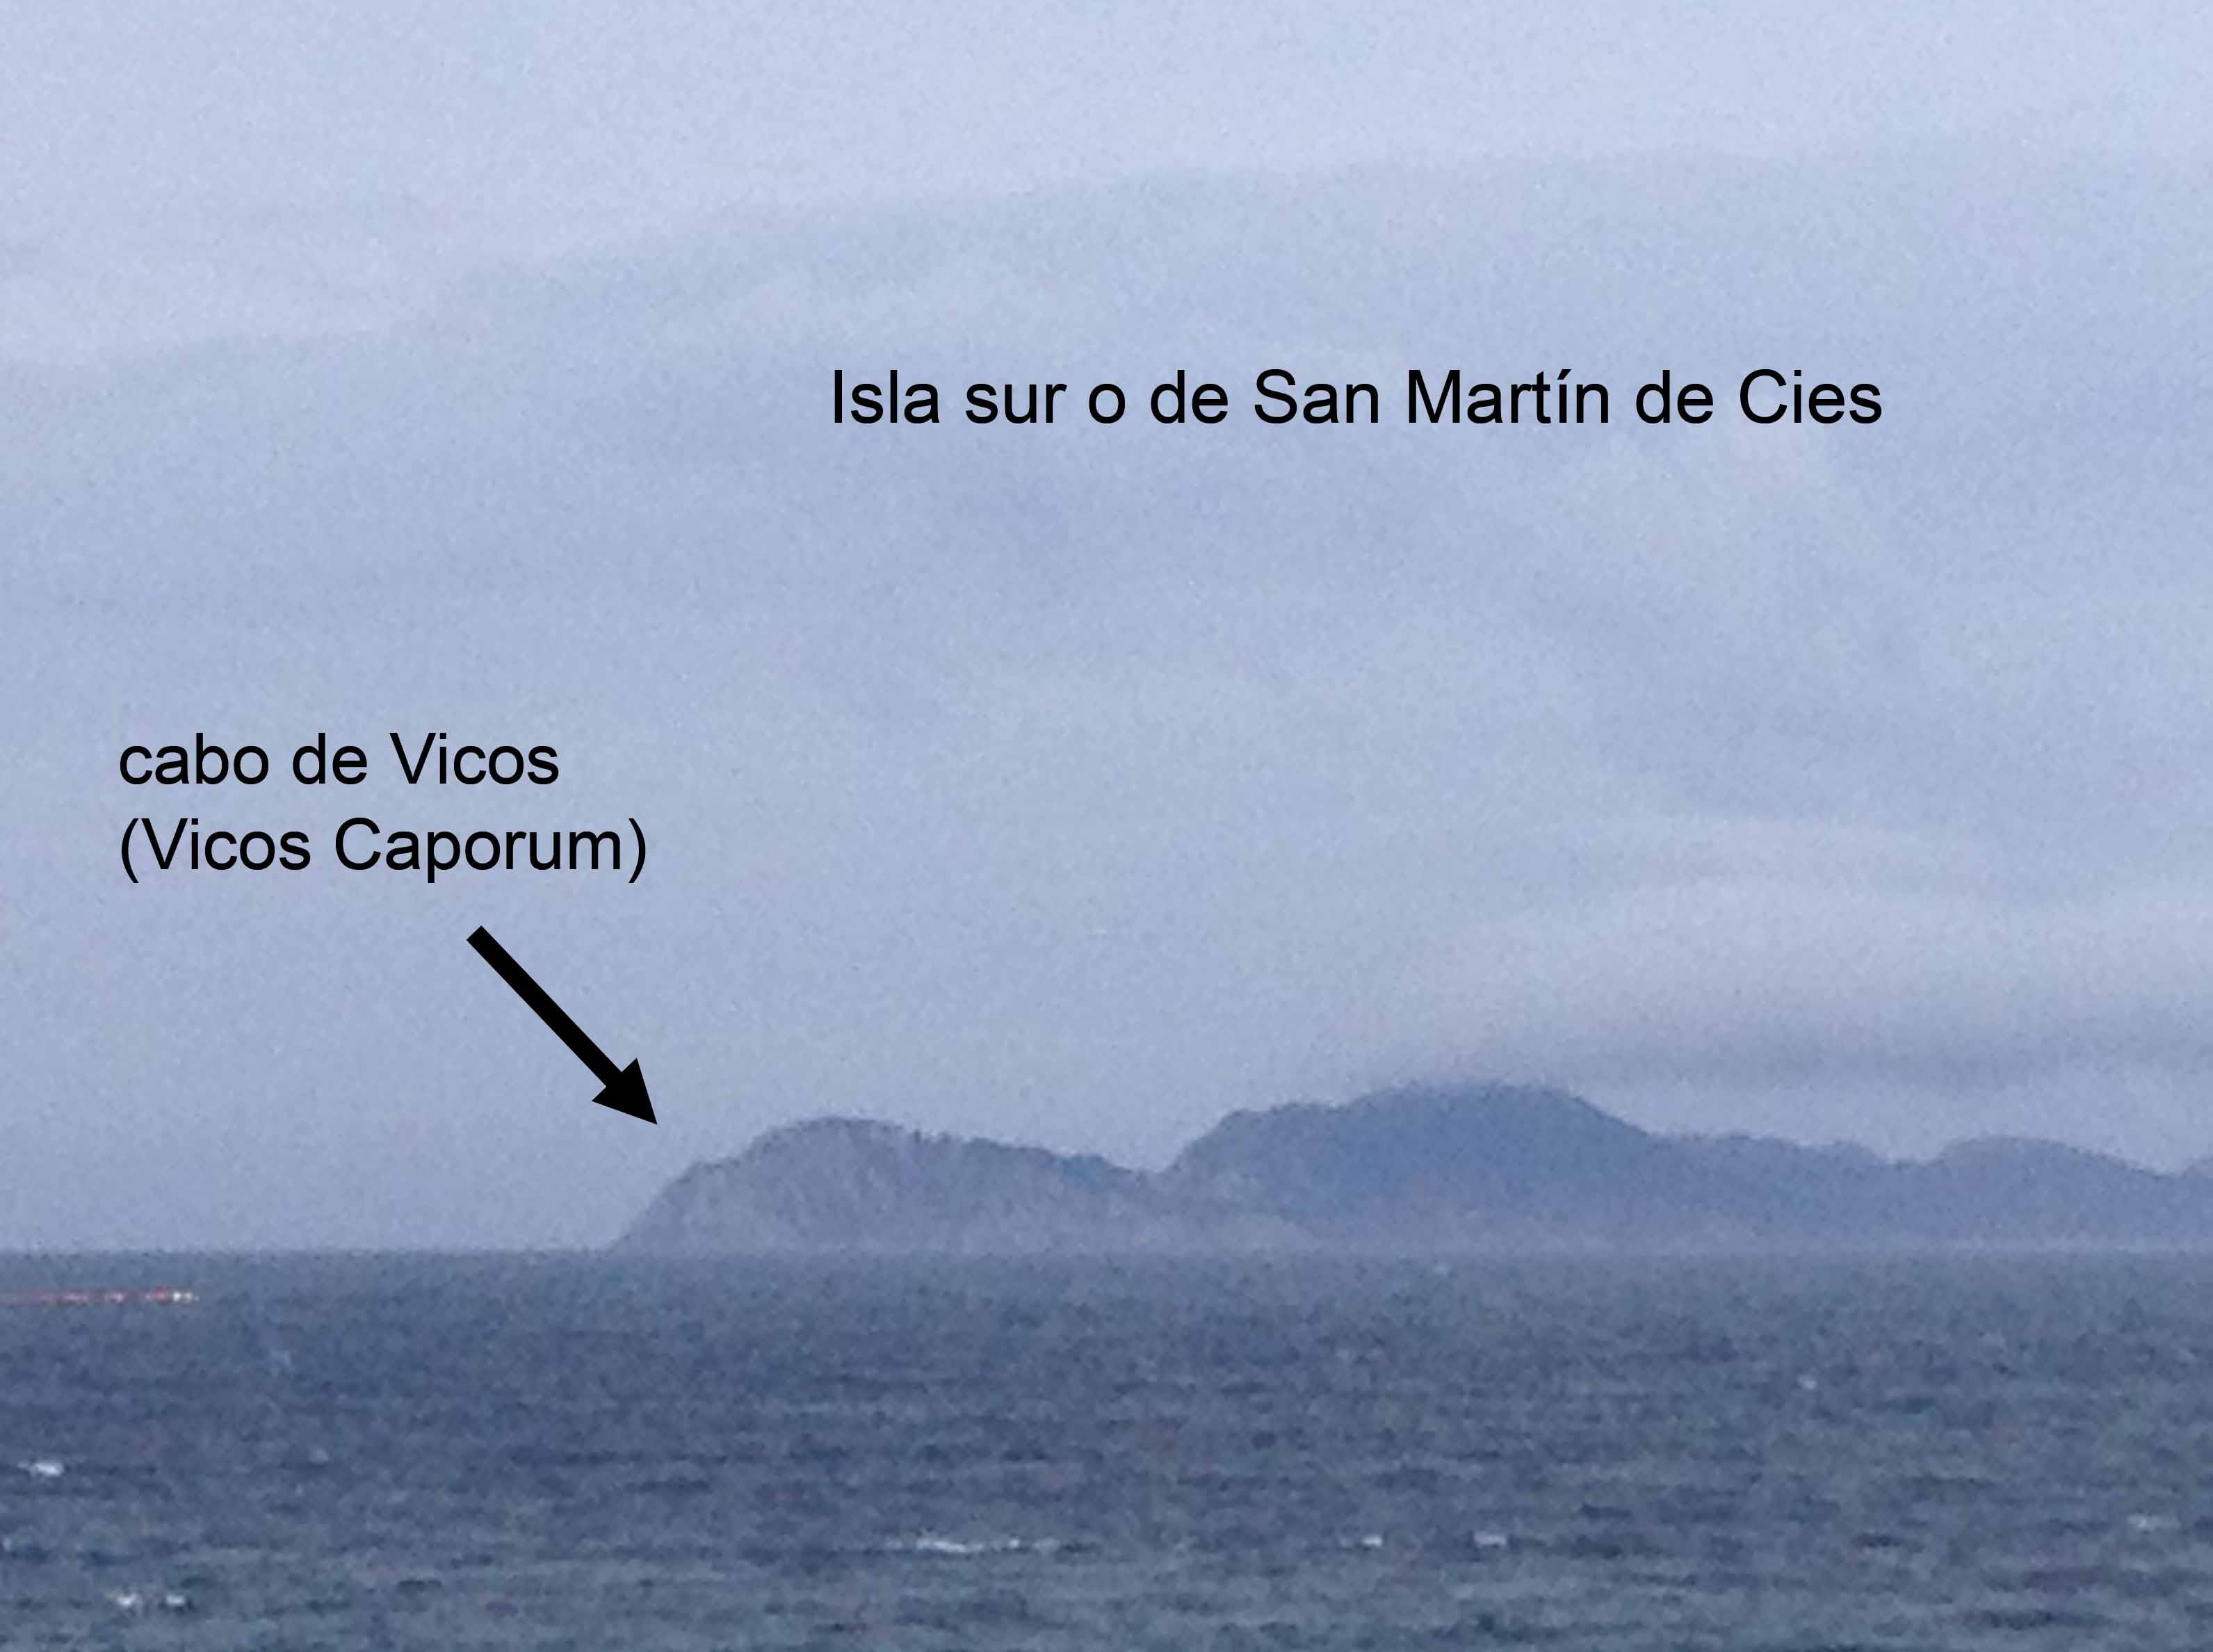 Cabo de Vicos copia